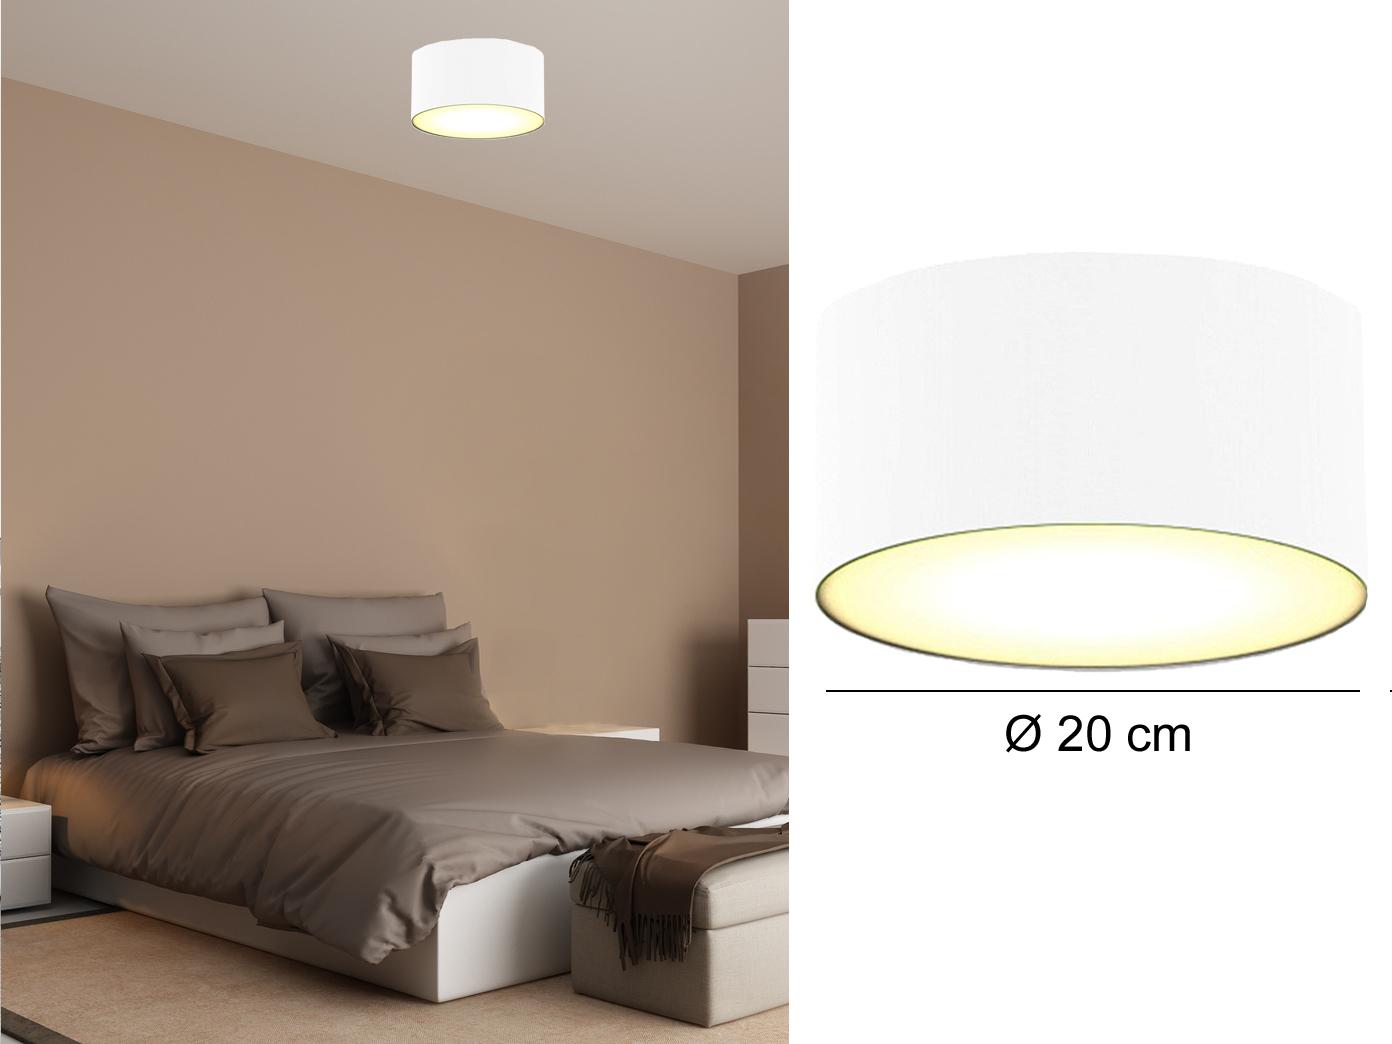 deckenlampe rund stoffschirm satinierte abdeckung wohnzimmer deckenleuchten ebay. Black Bedroom Furniture Sets. Home Design Ideas